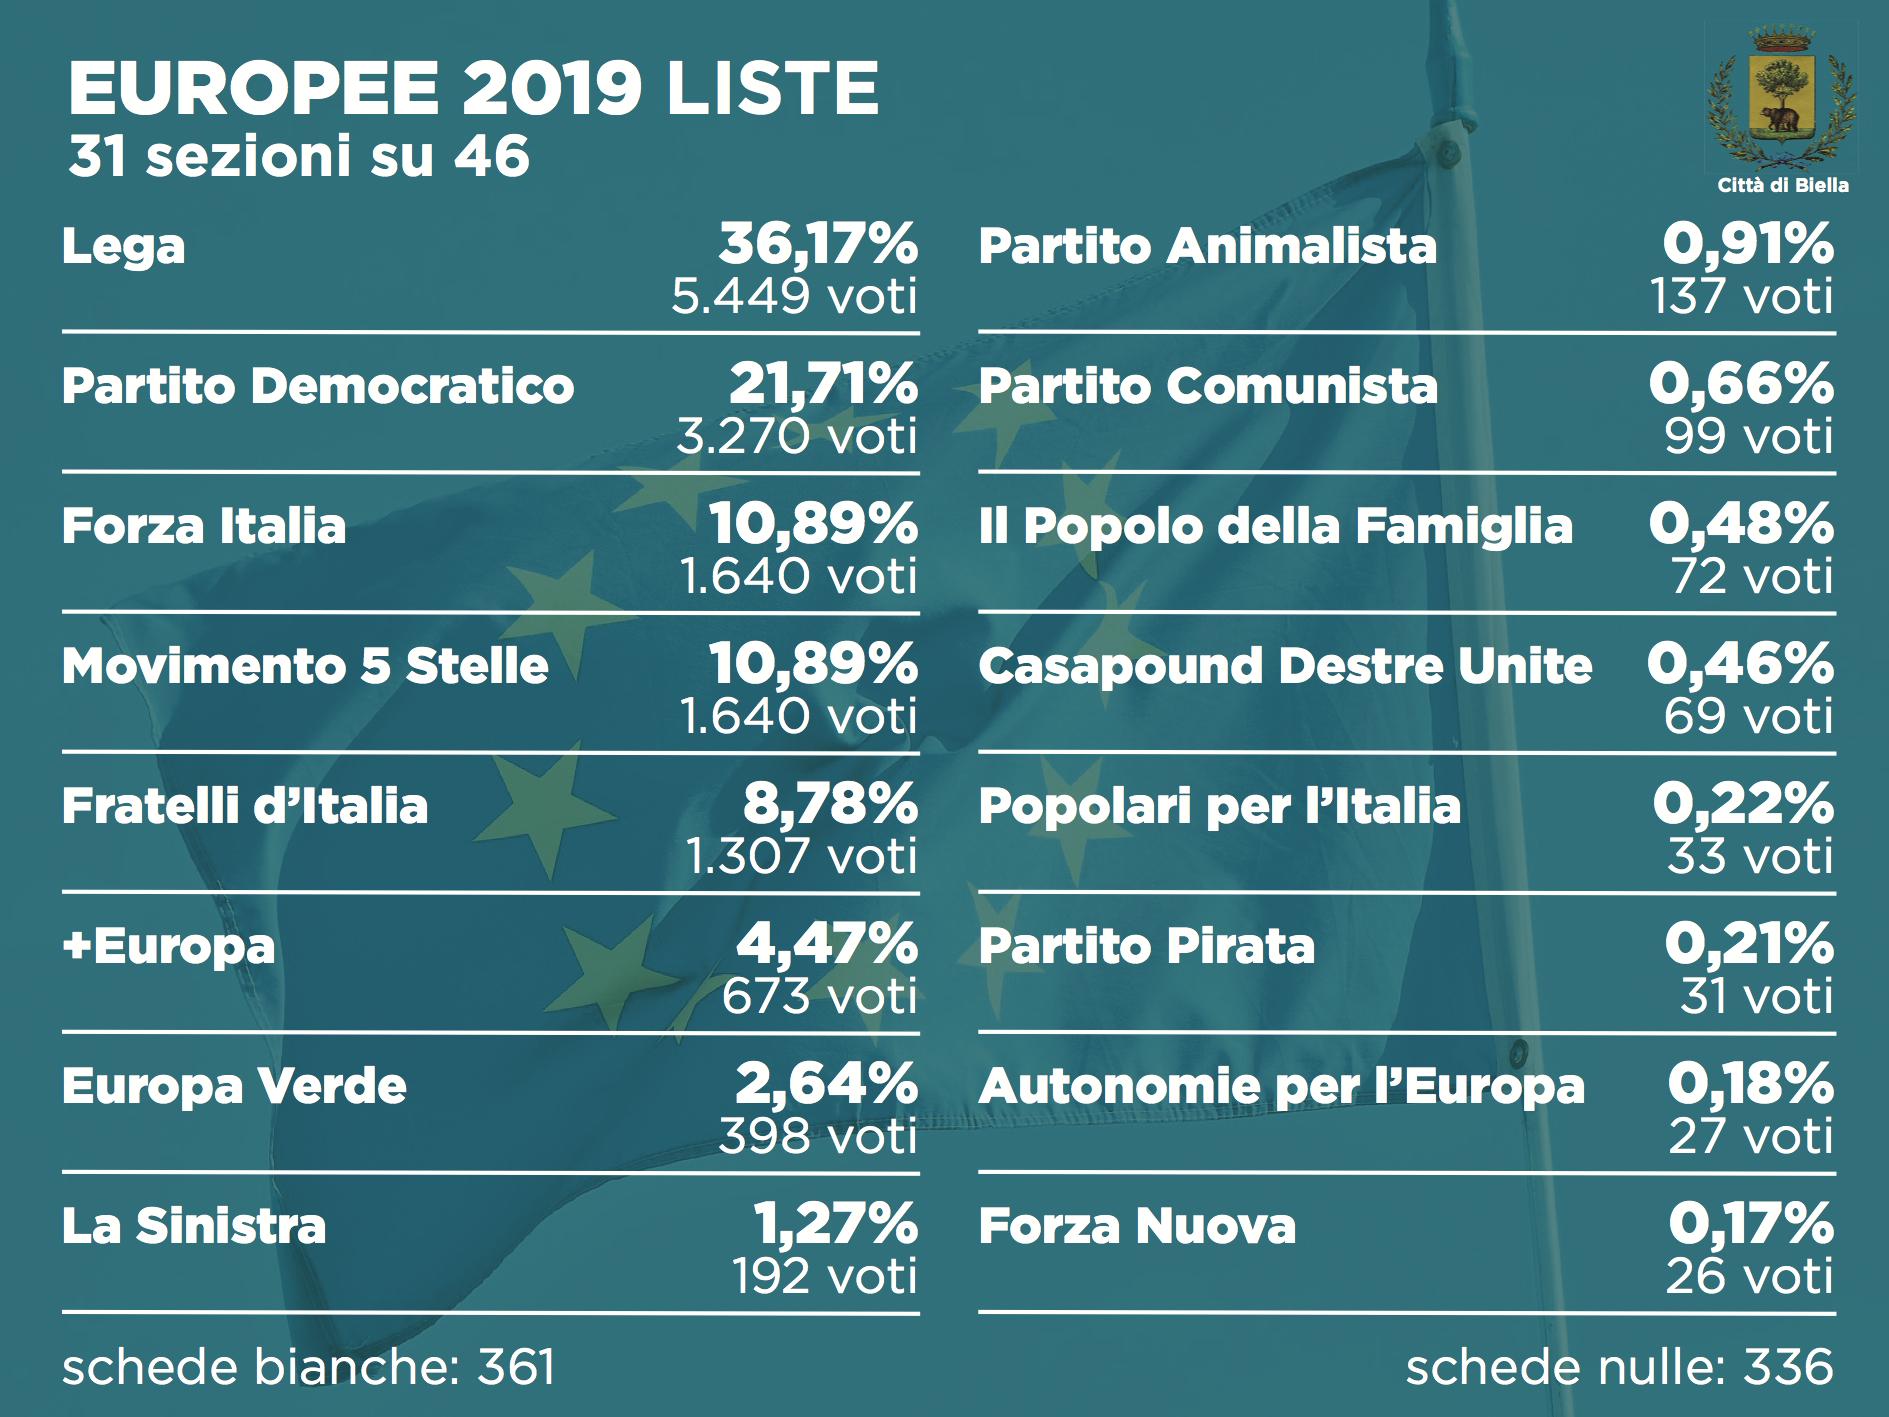 Elezioni 2019, i risultati alle europee dopo 31 sezioni